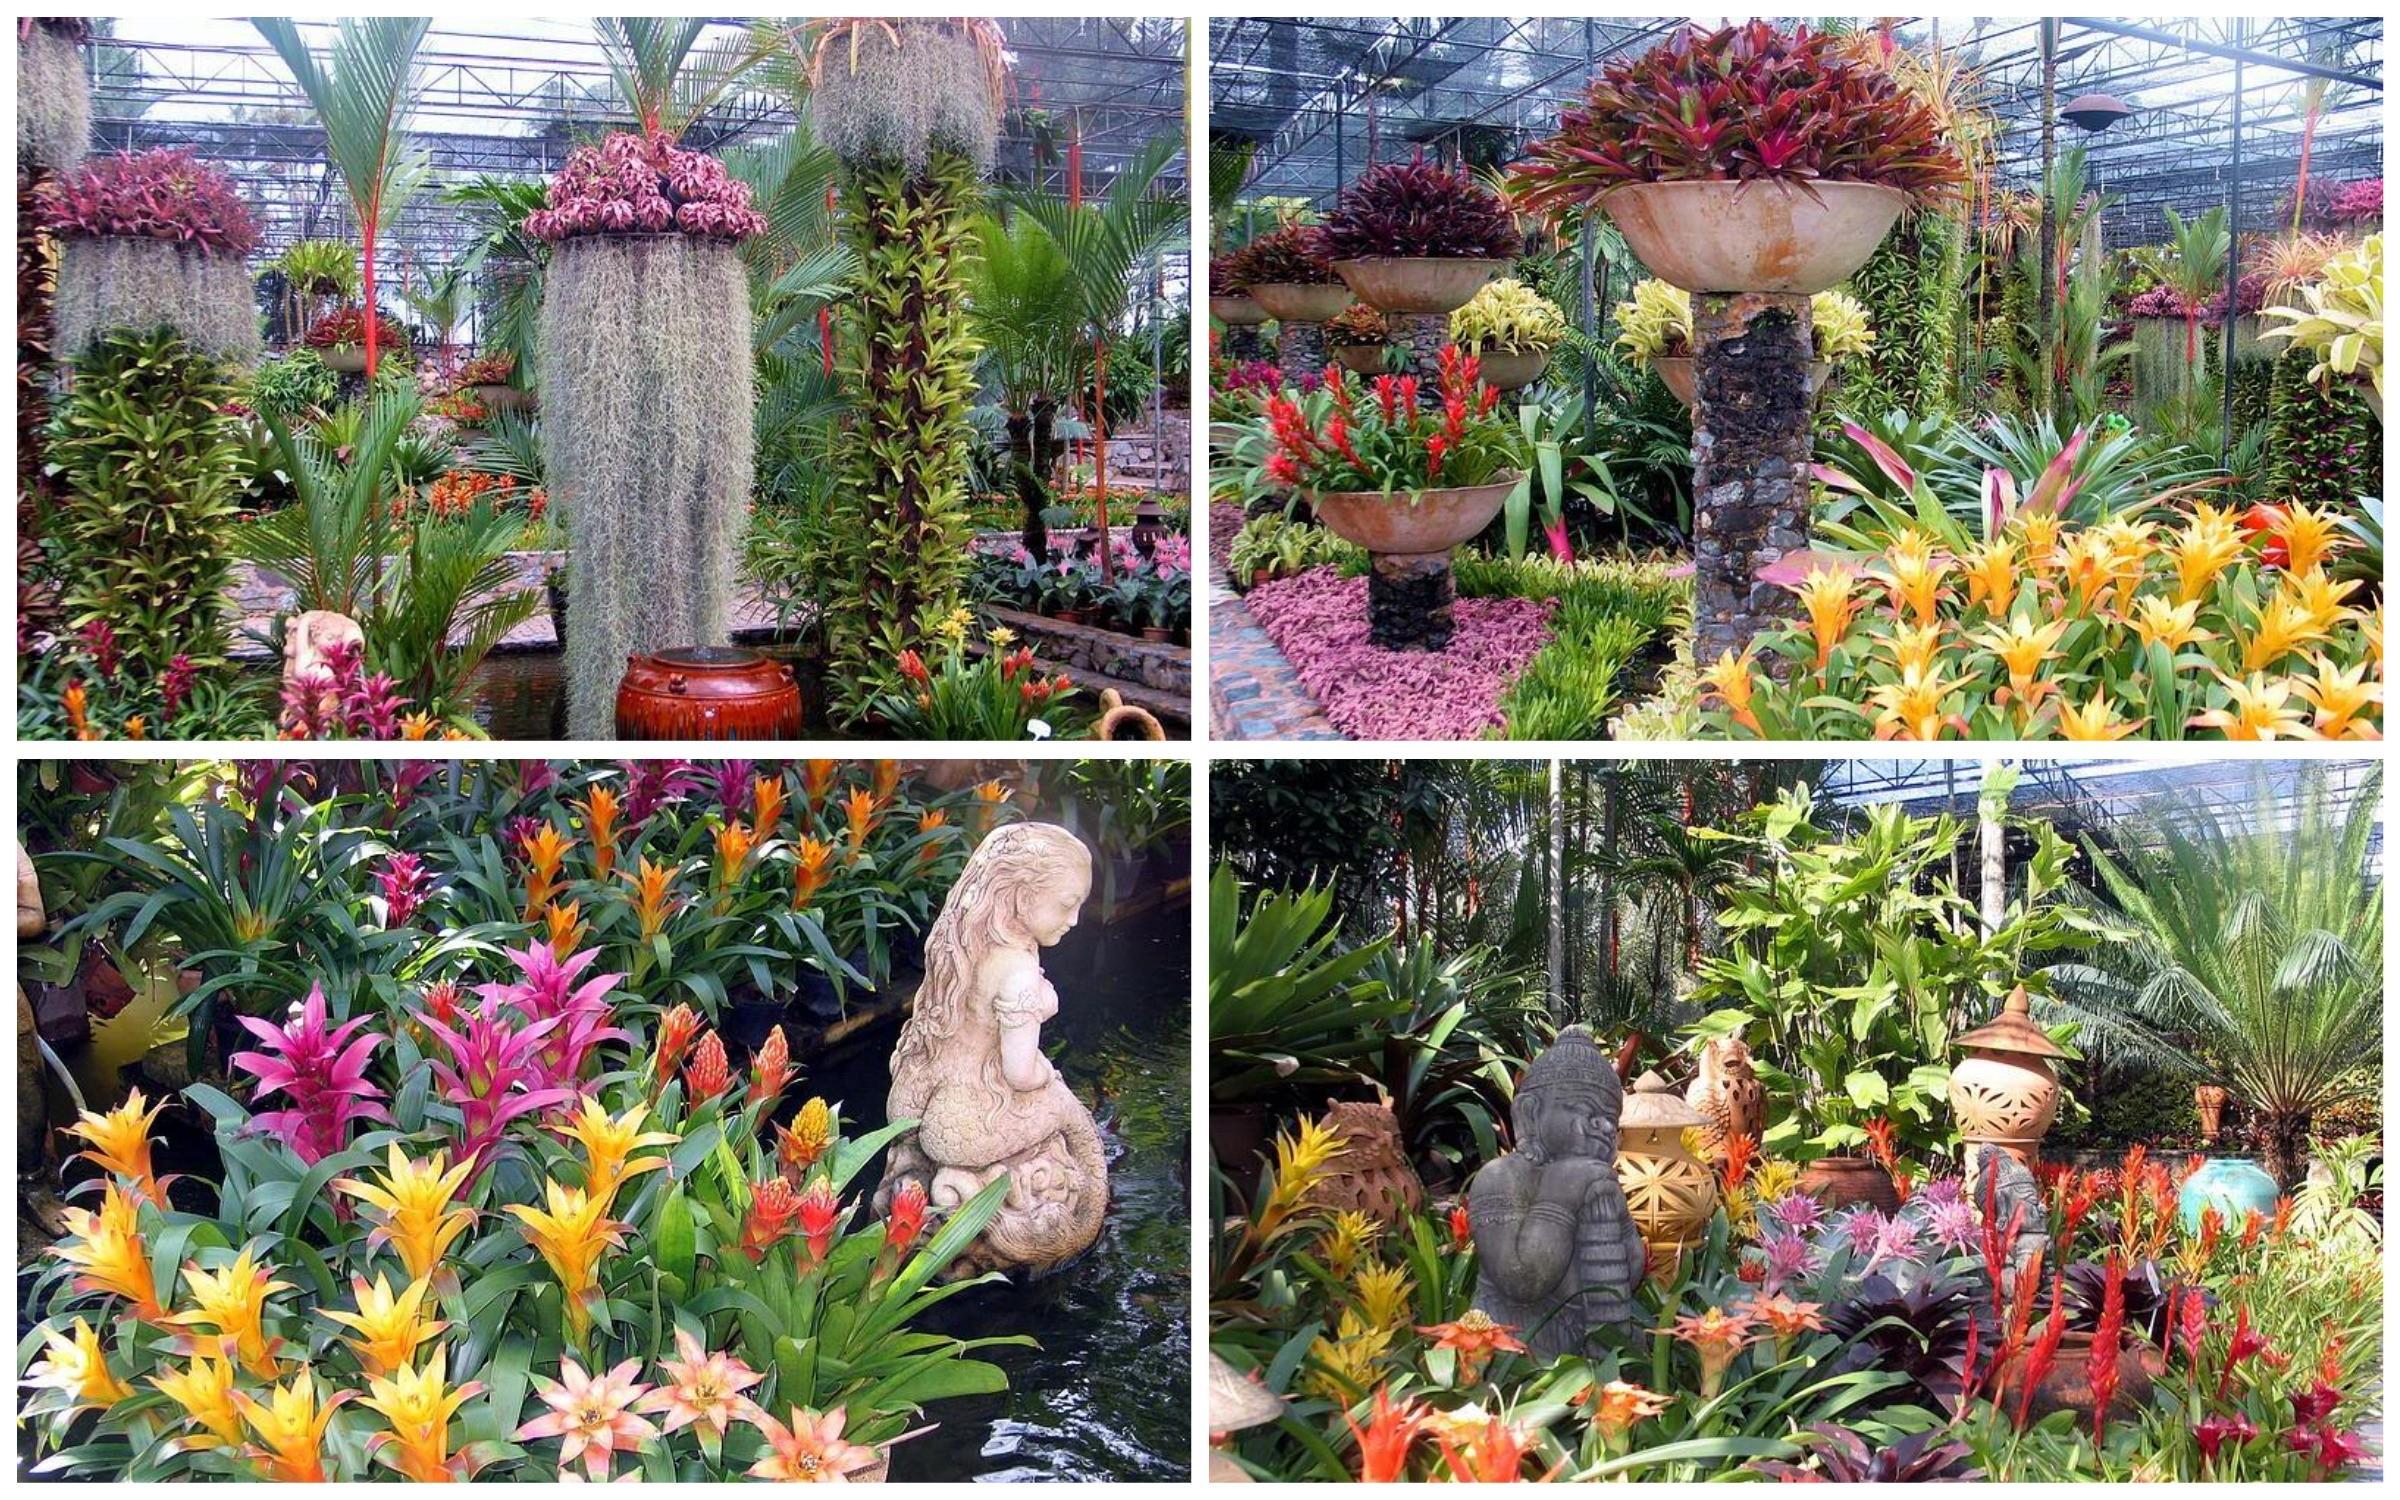 фото красивые растения в парке нонг нуч